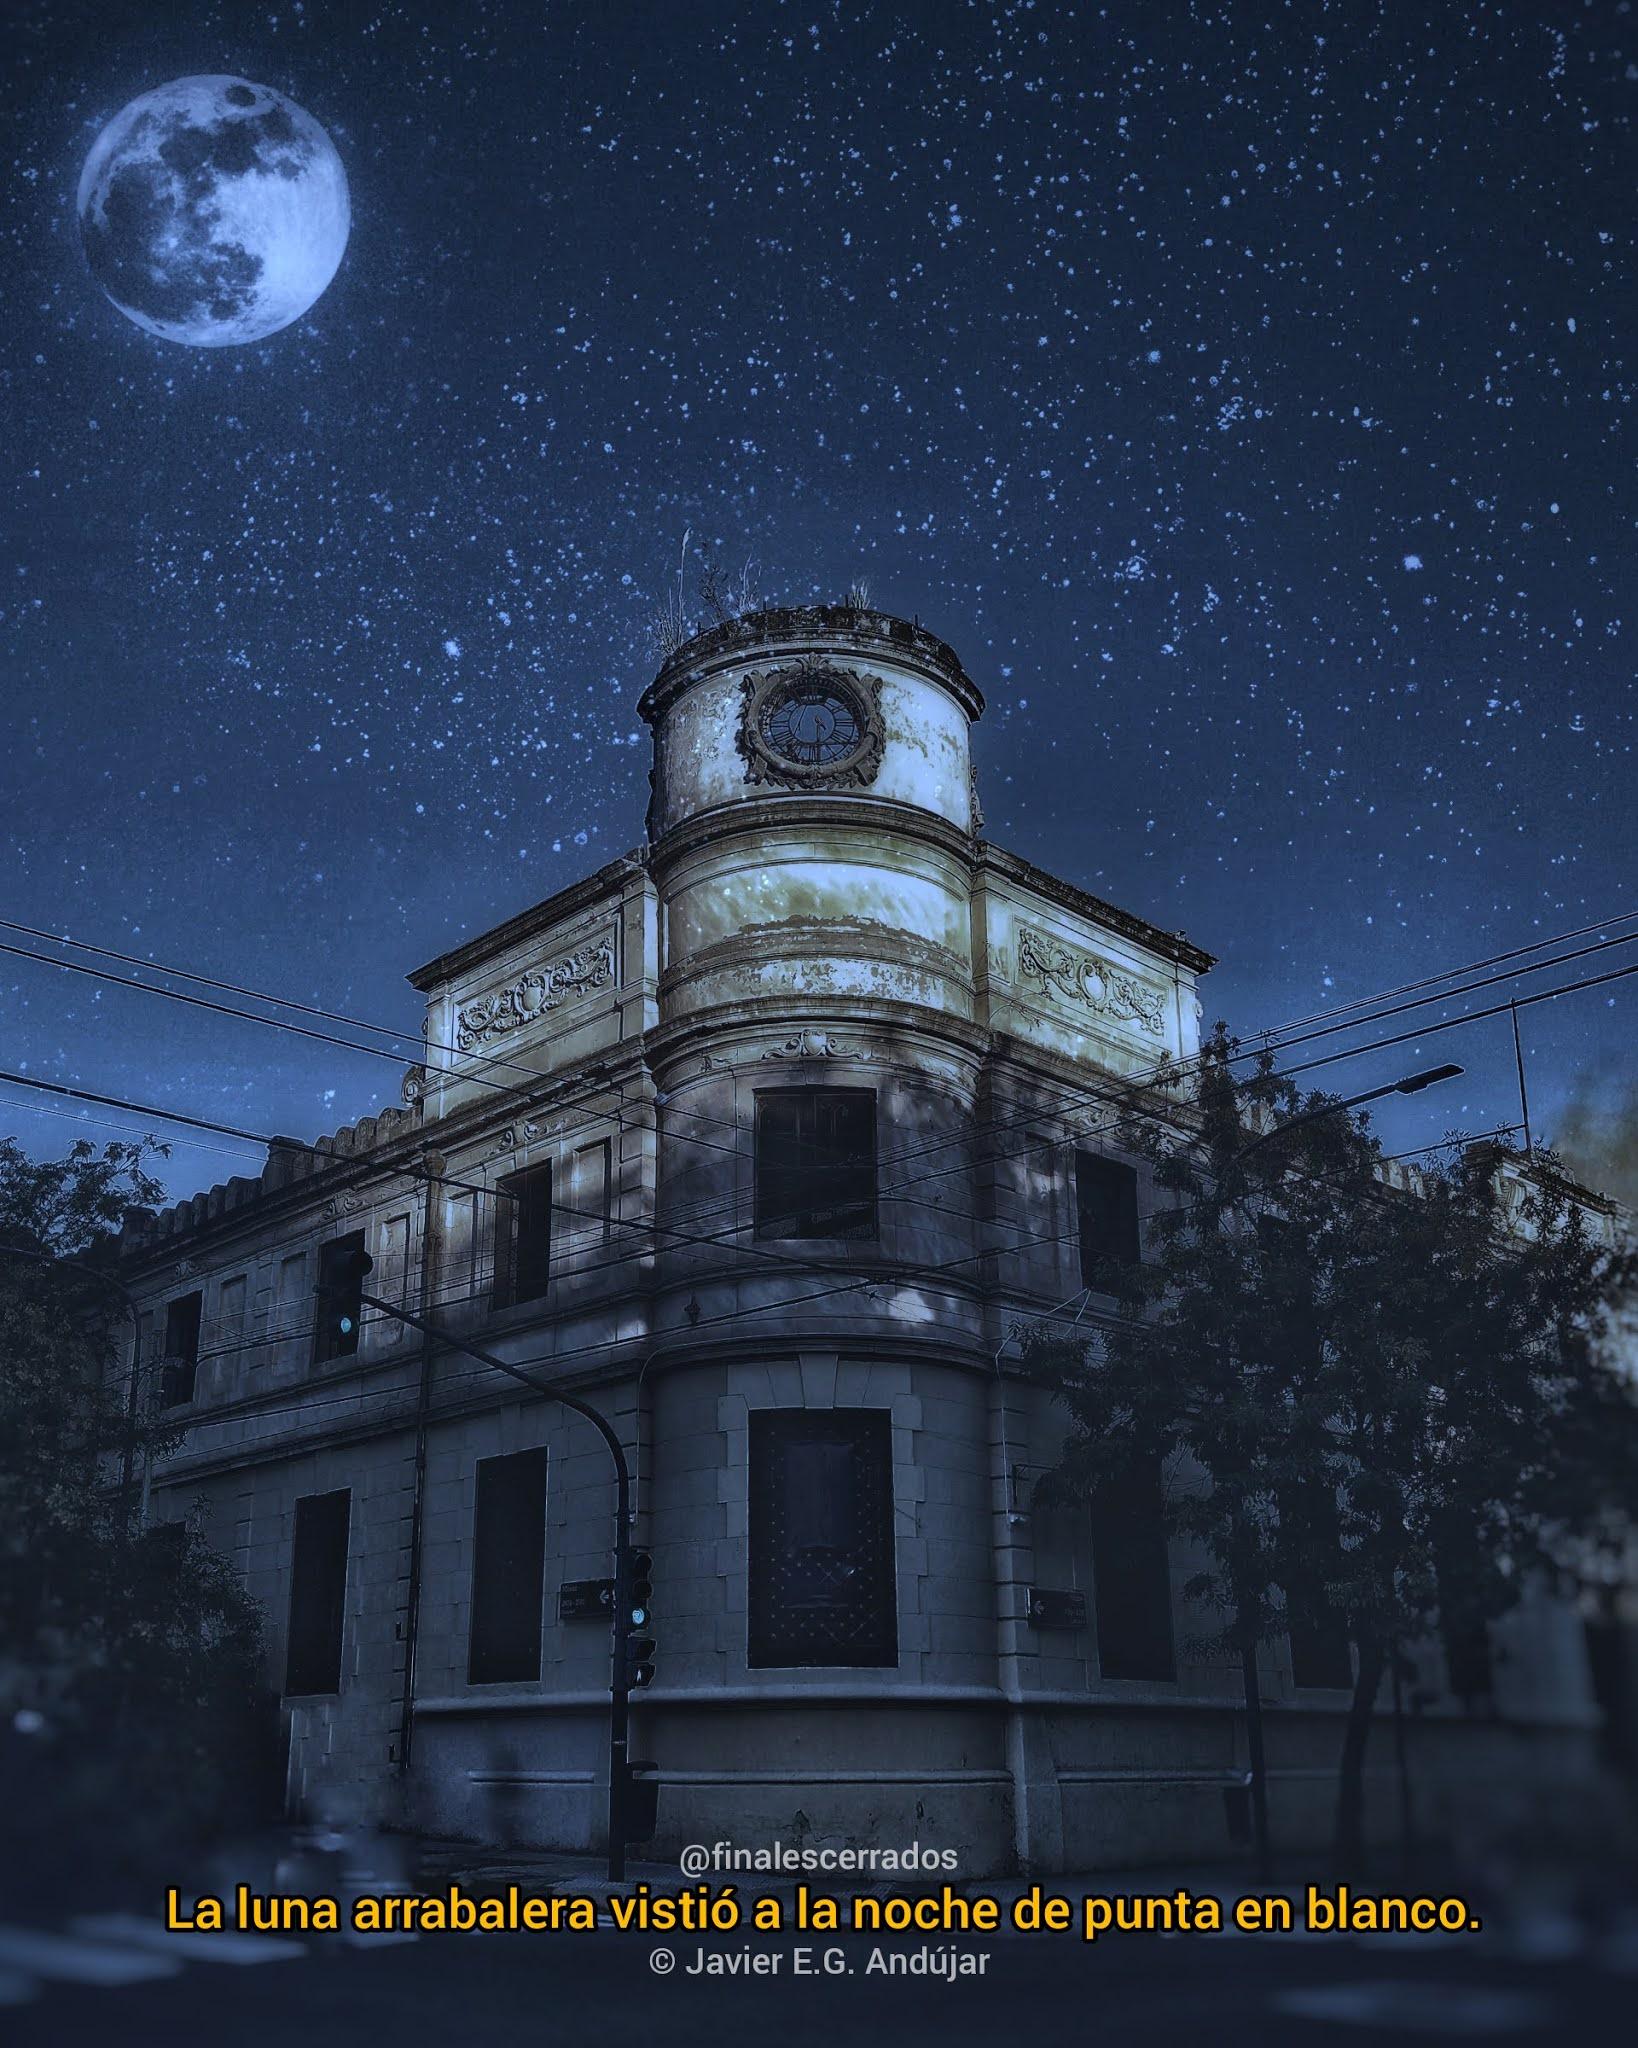 La luna arrabalera vistió a la noche de punta en blanco. 🌕